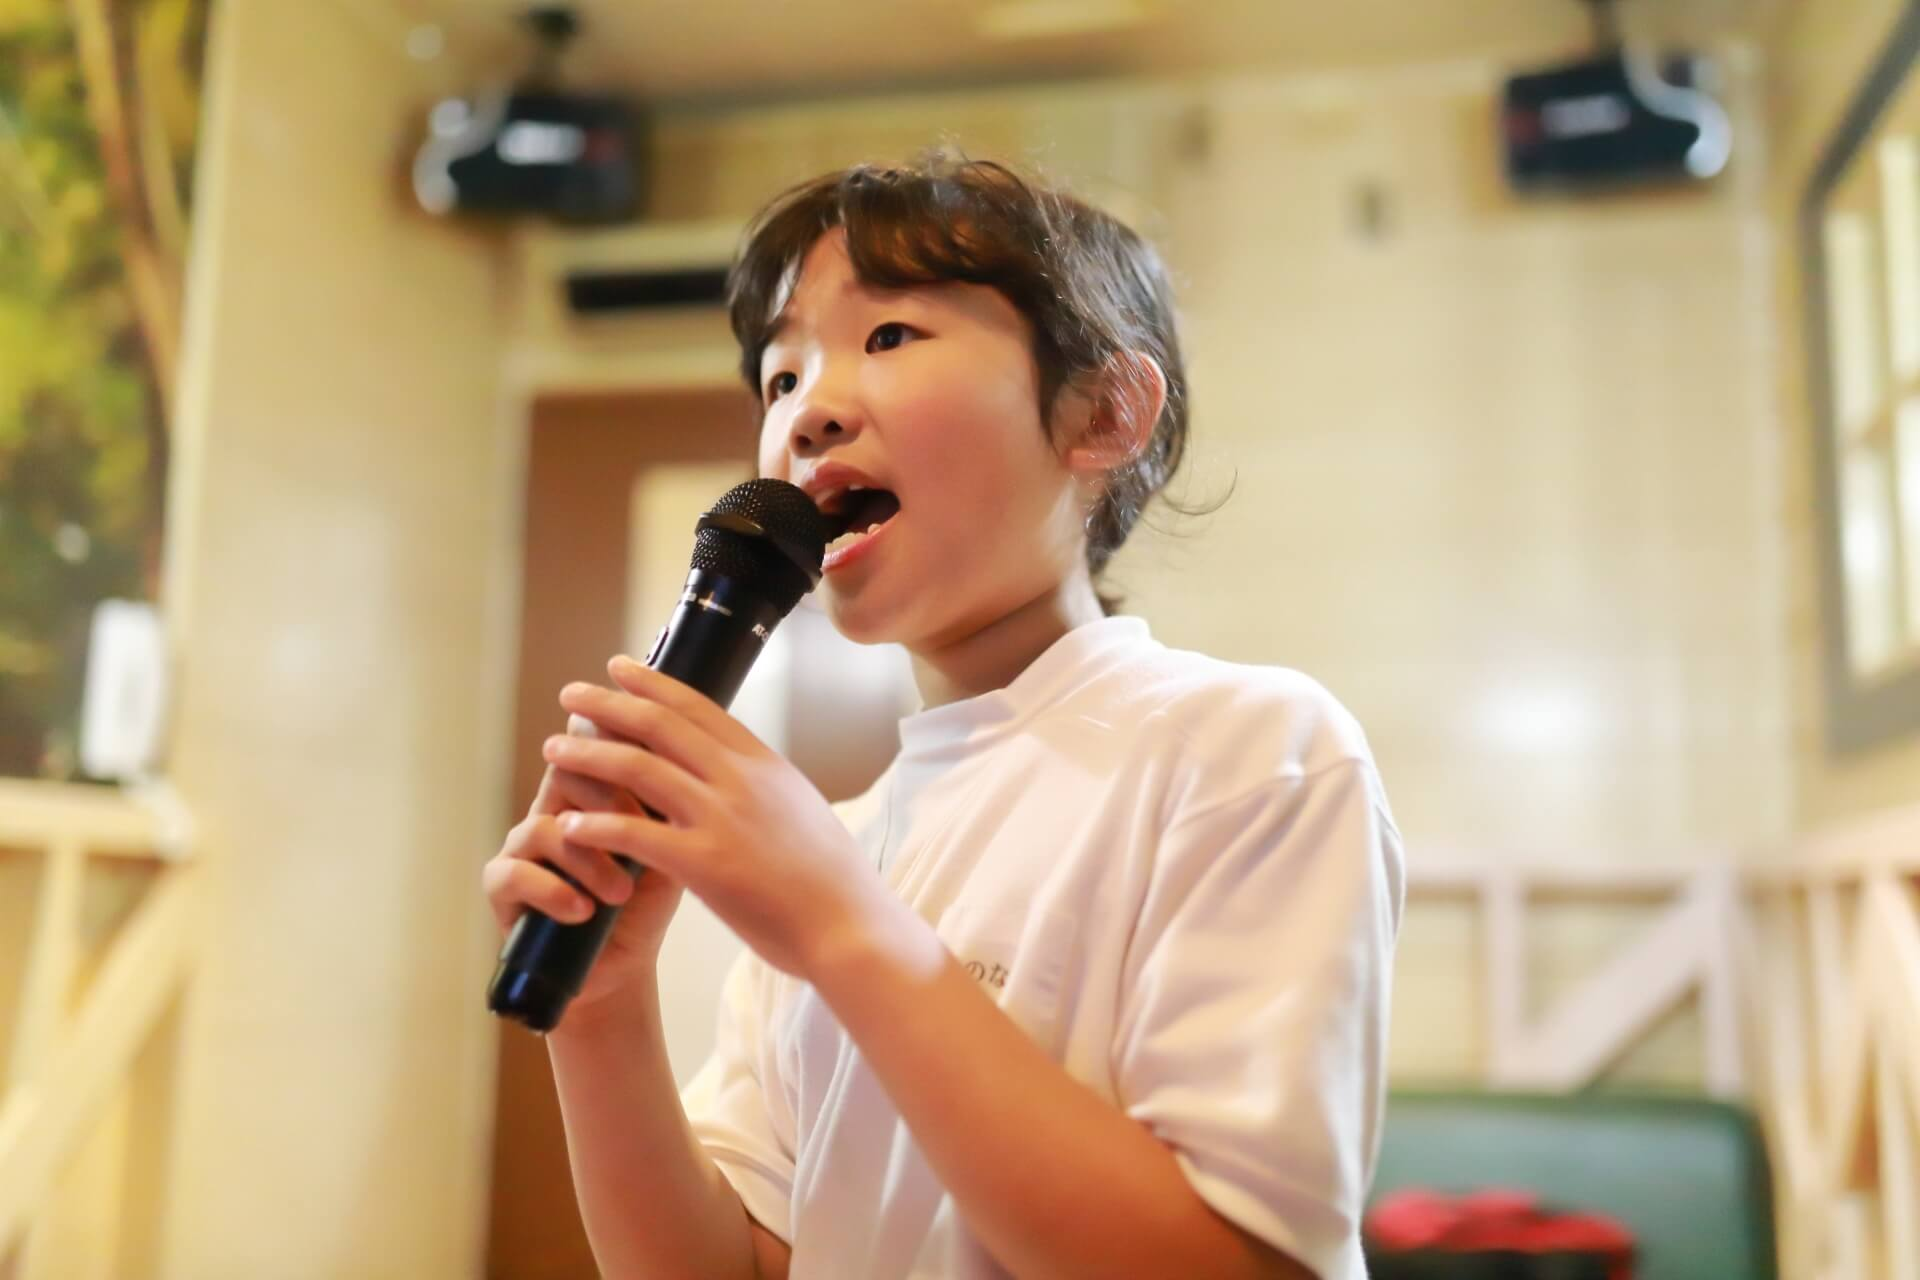 カラオケで歌がうまく聴こえるコツは「声質」だったんです